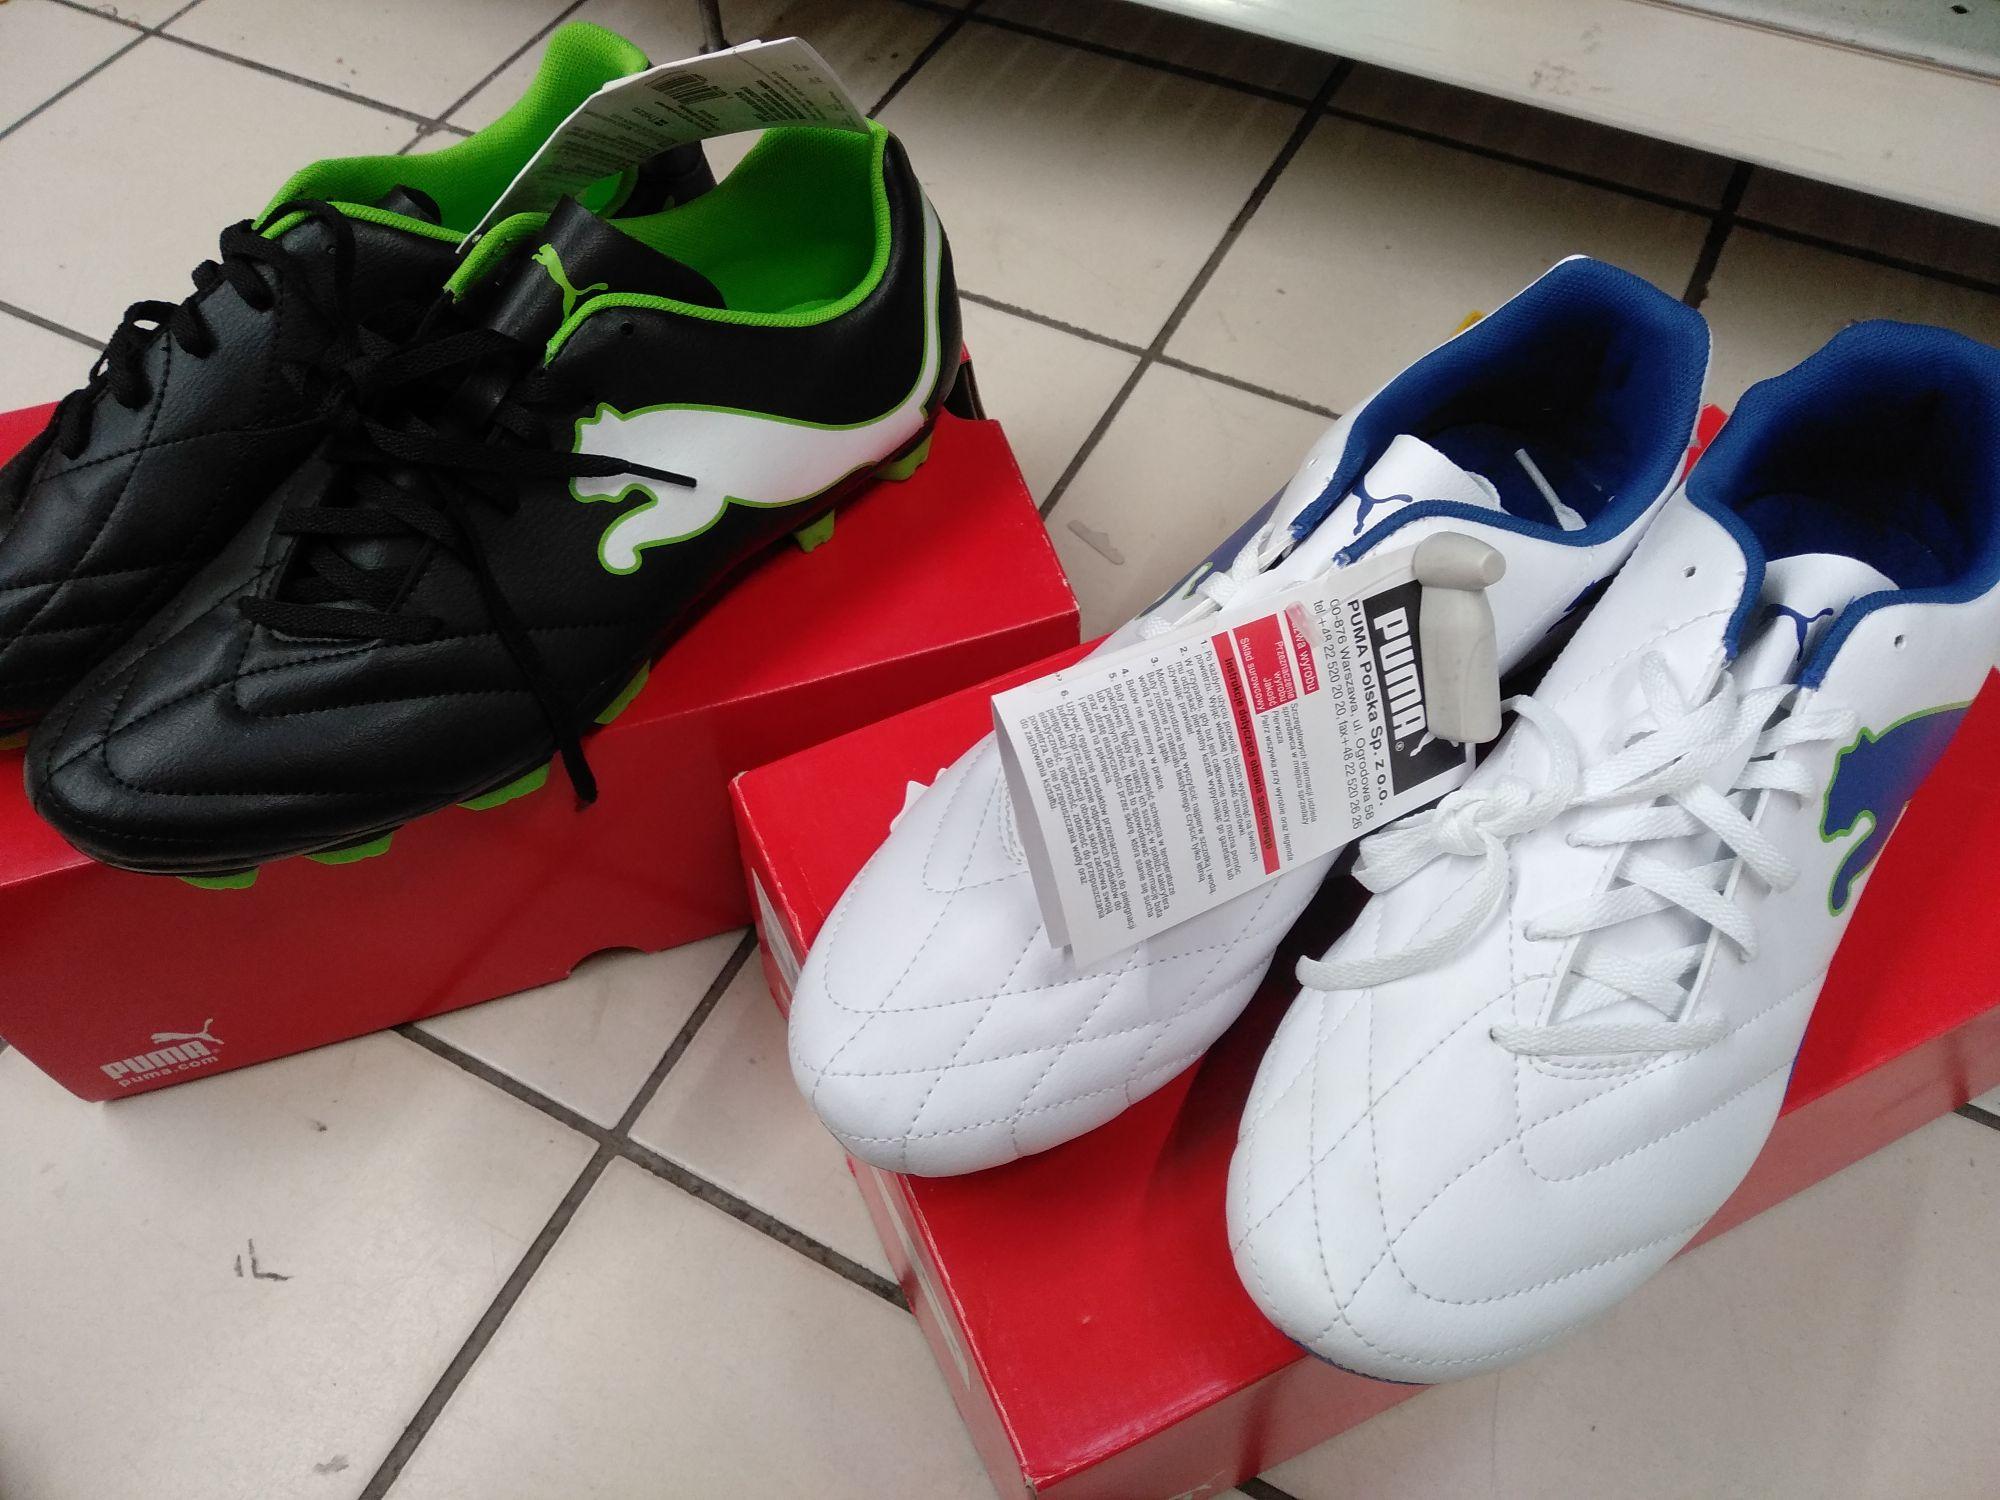 Buty piłkarskie korki lane (lanki) Puma Velize FG męskie i dziecięce (Auchan Katowice Renców - możliwe, że ogólnopolska)